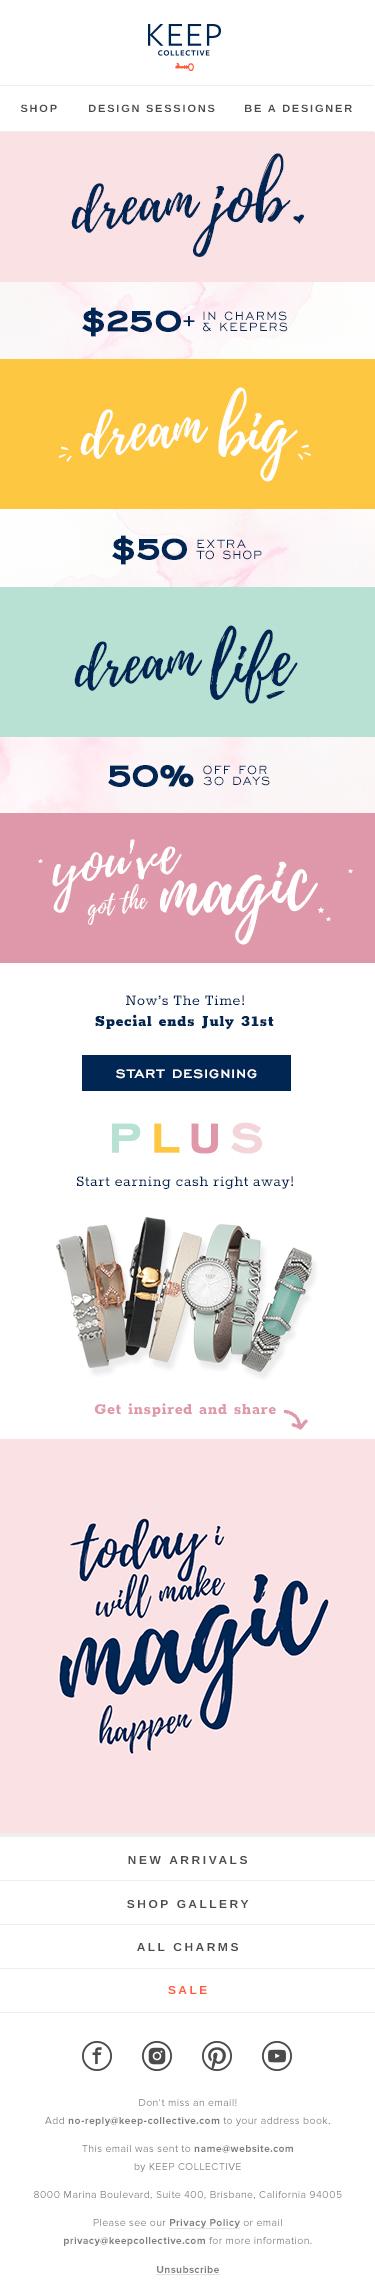 KEEP_July_SUS_Email.jpg